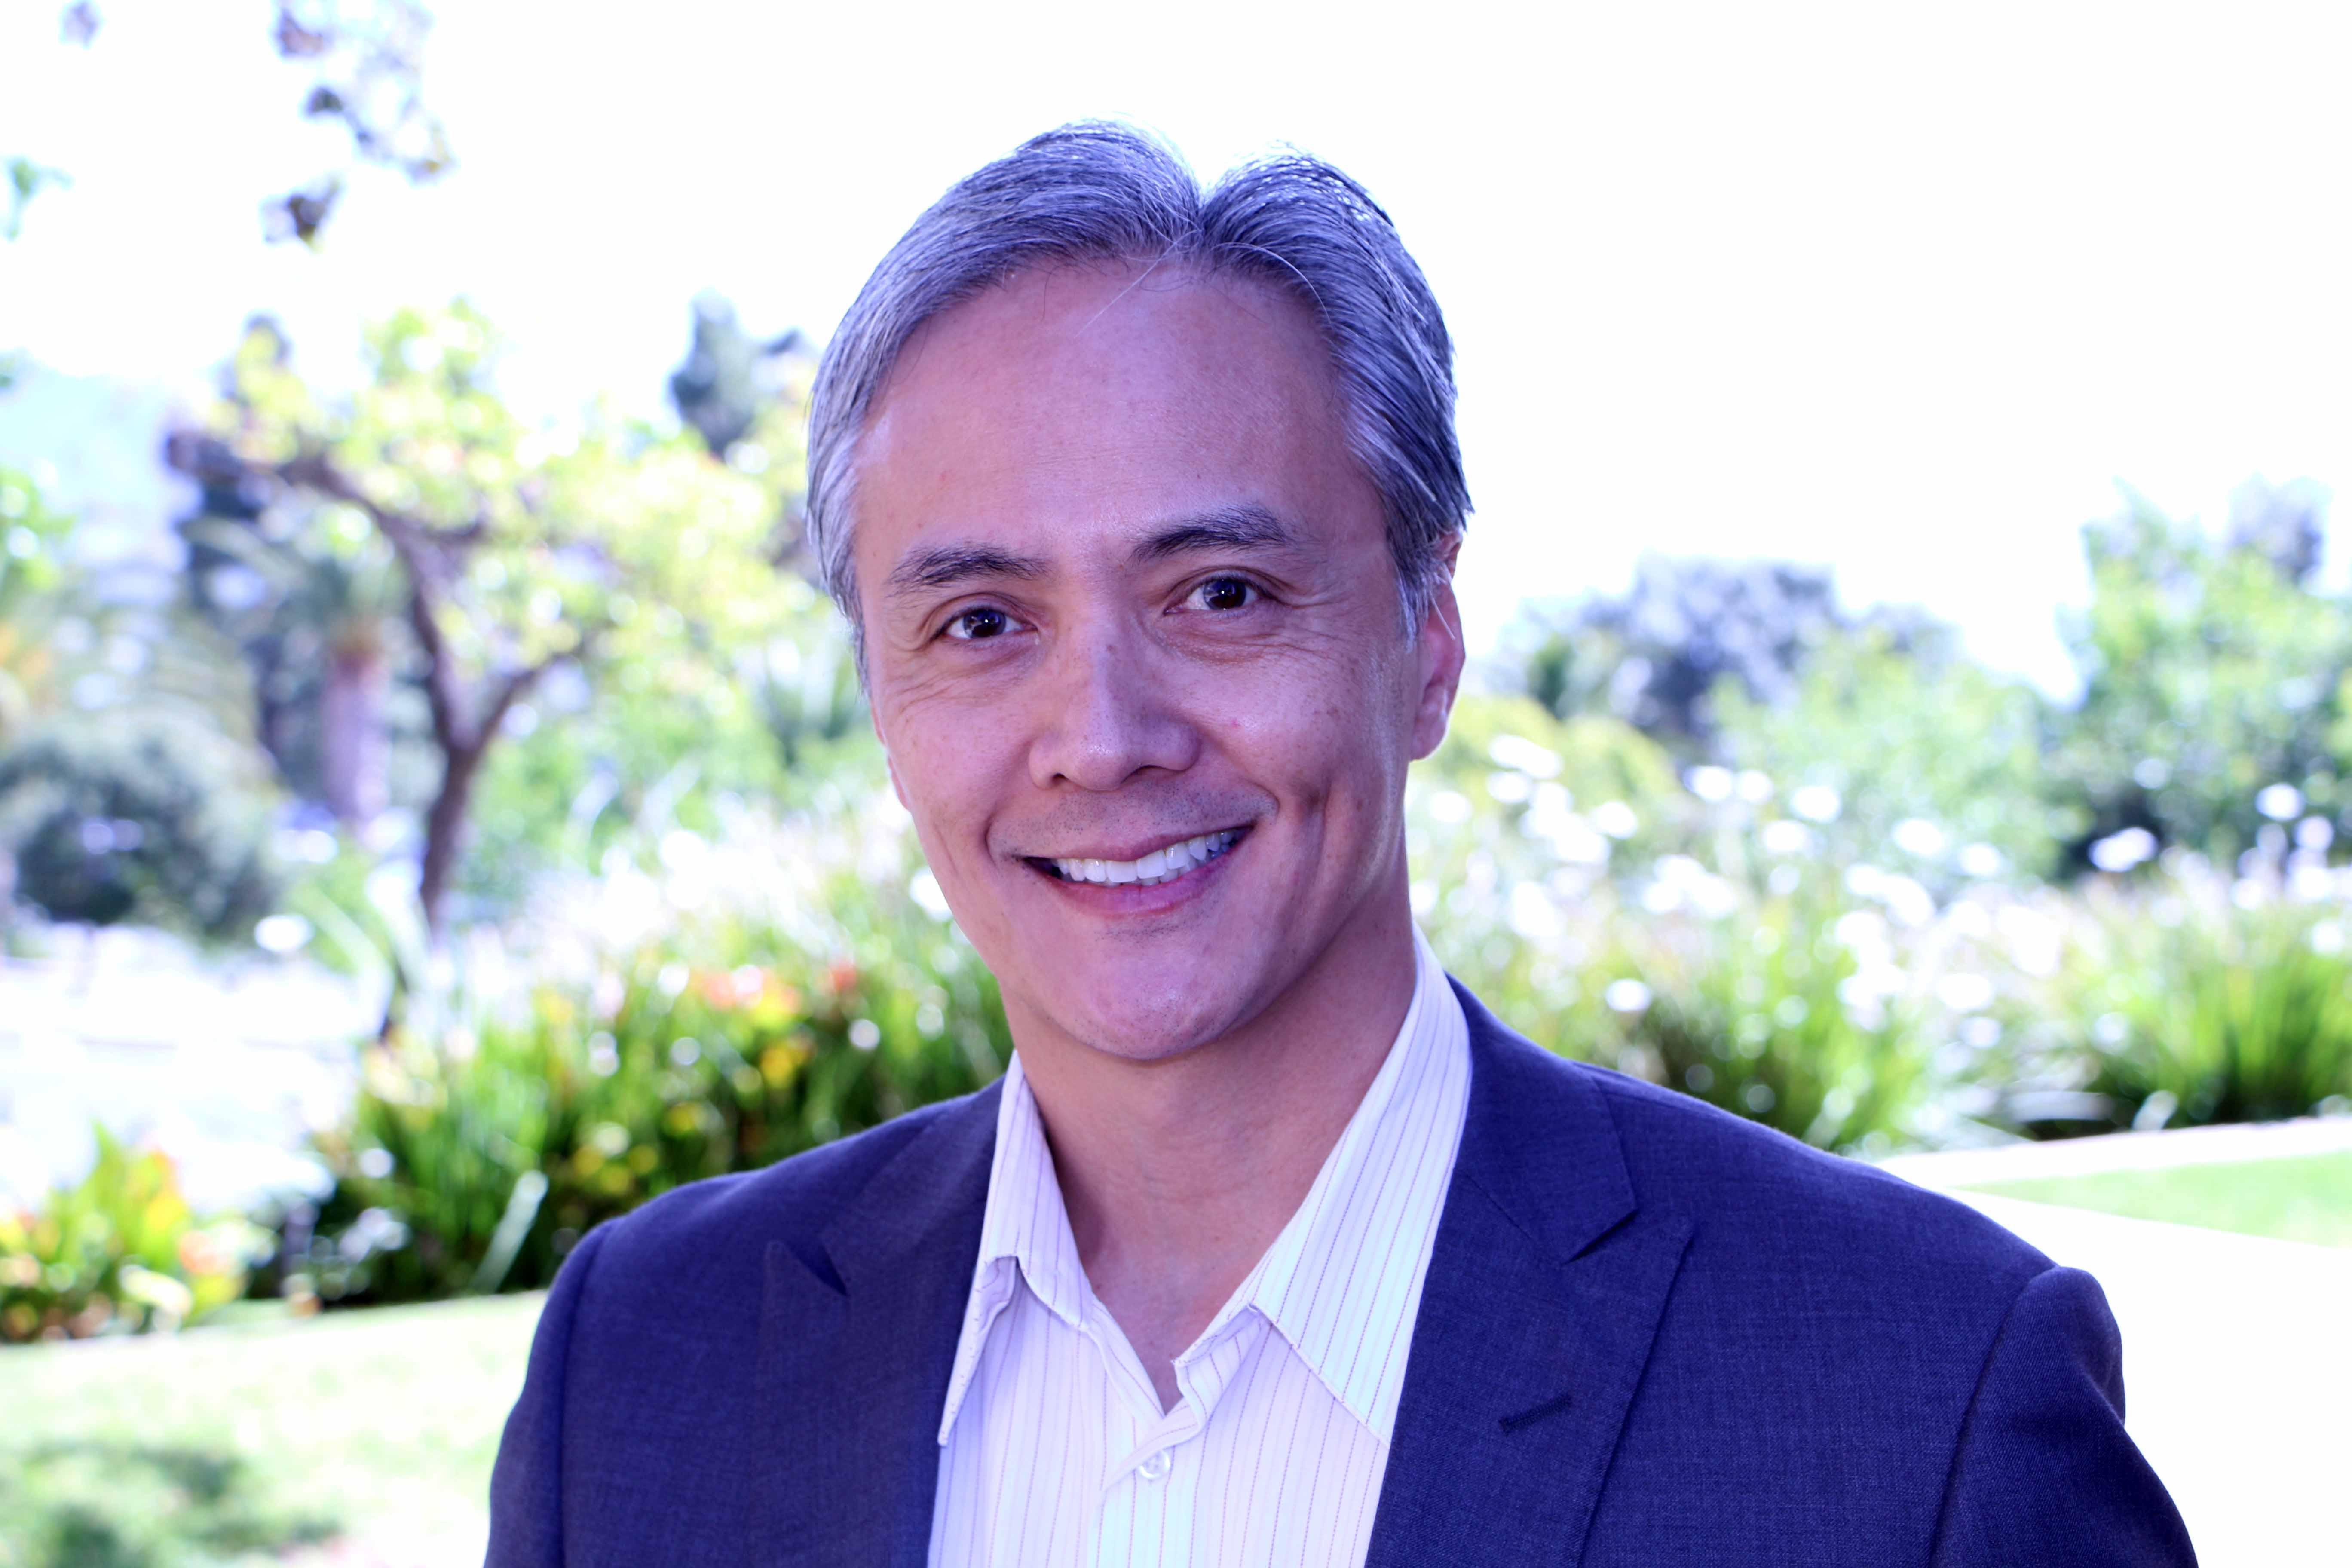 Jonathan See